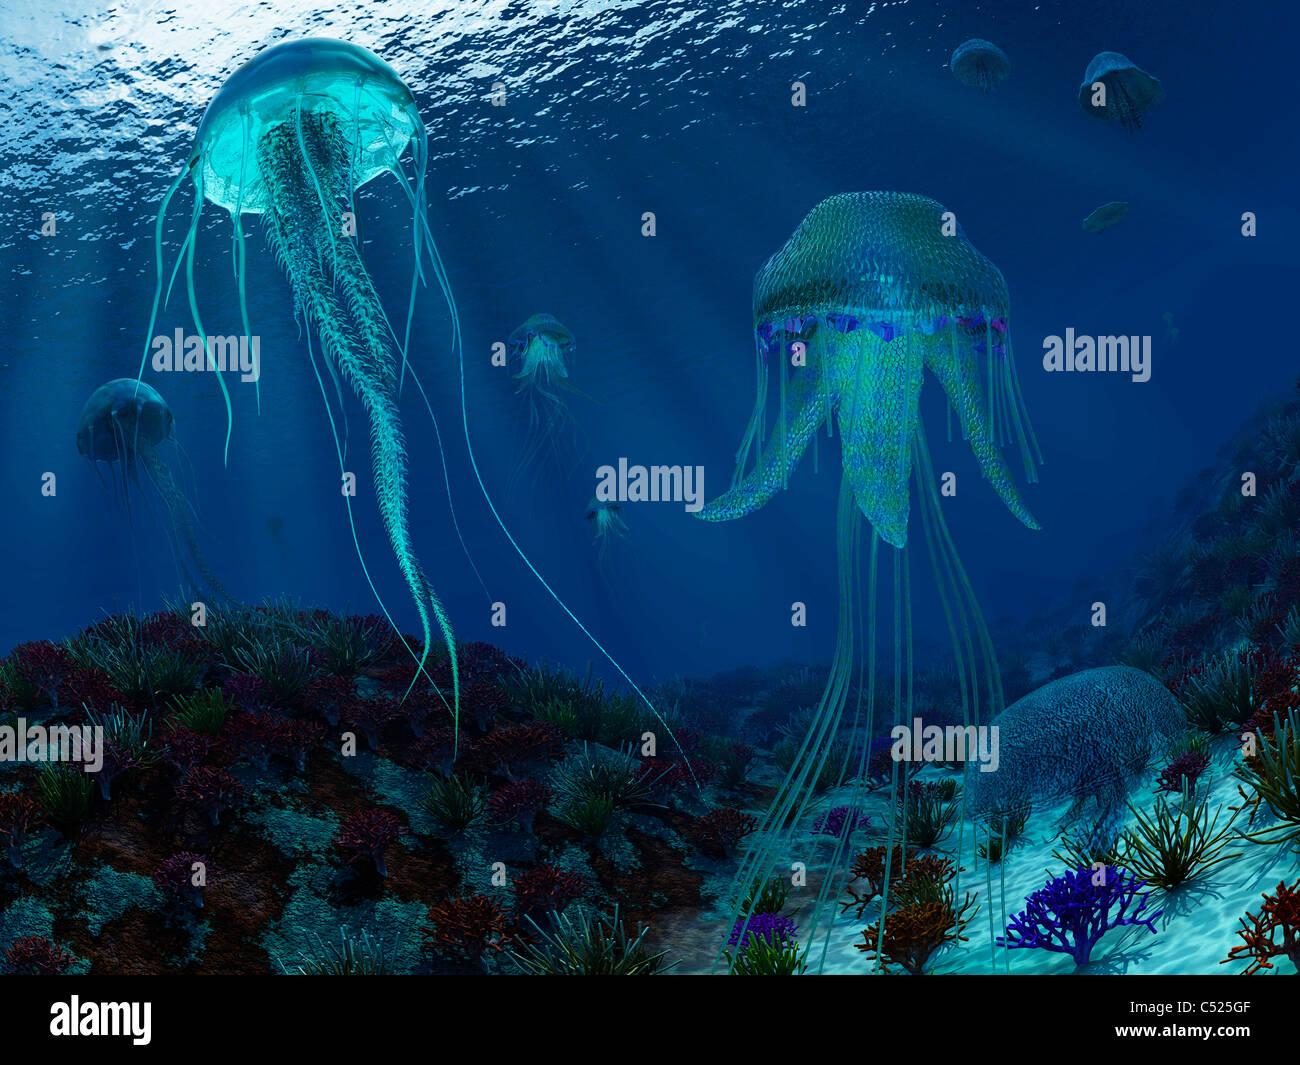 Un enjambre de medusas Panthalassic nadar en el océano. Foto de stock